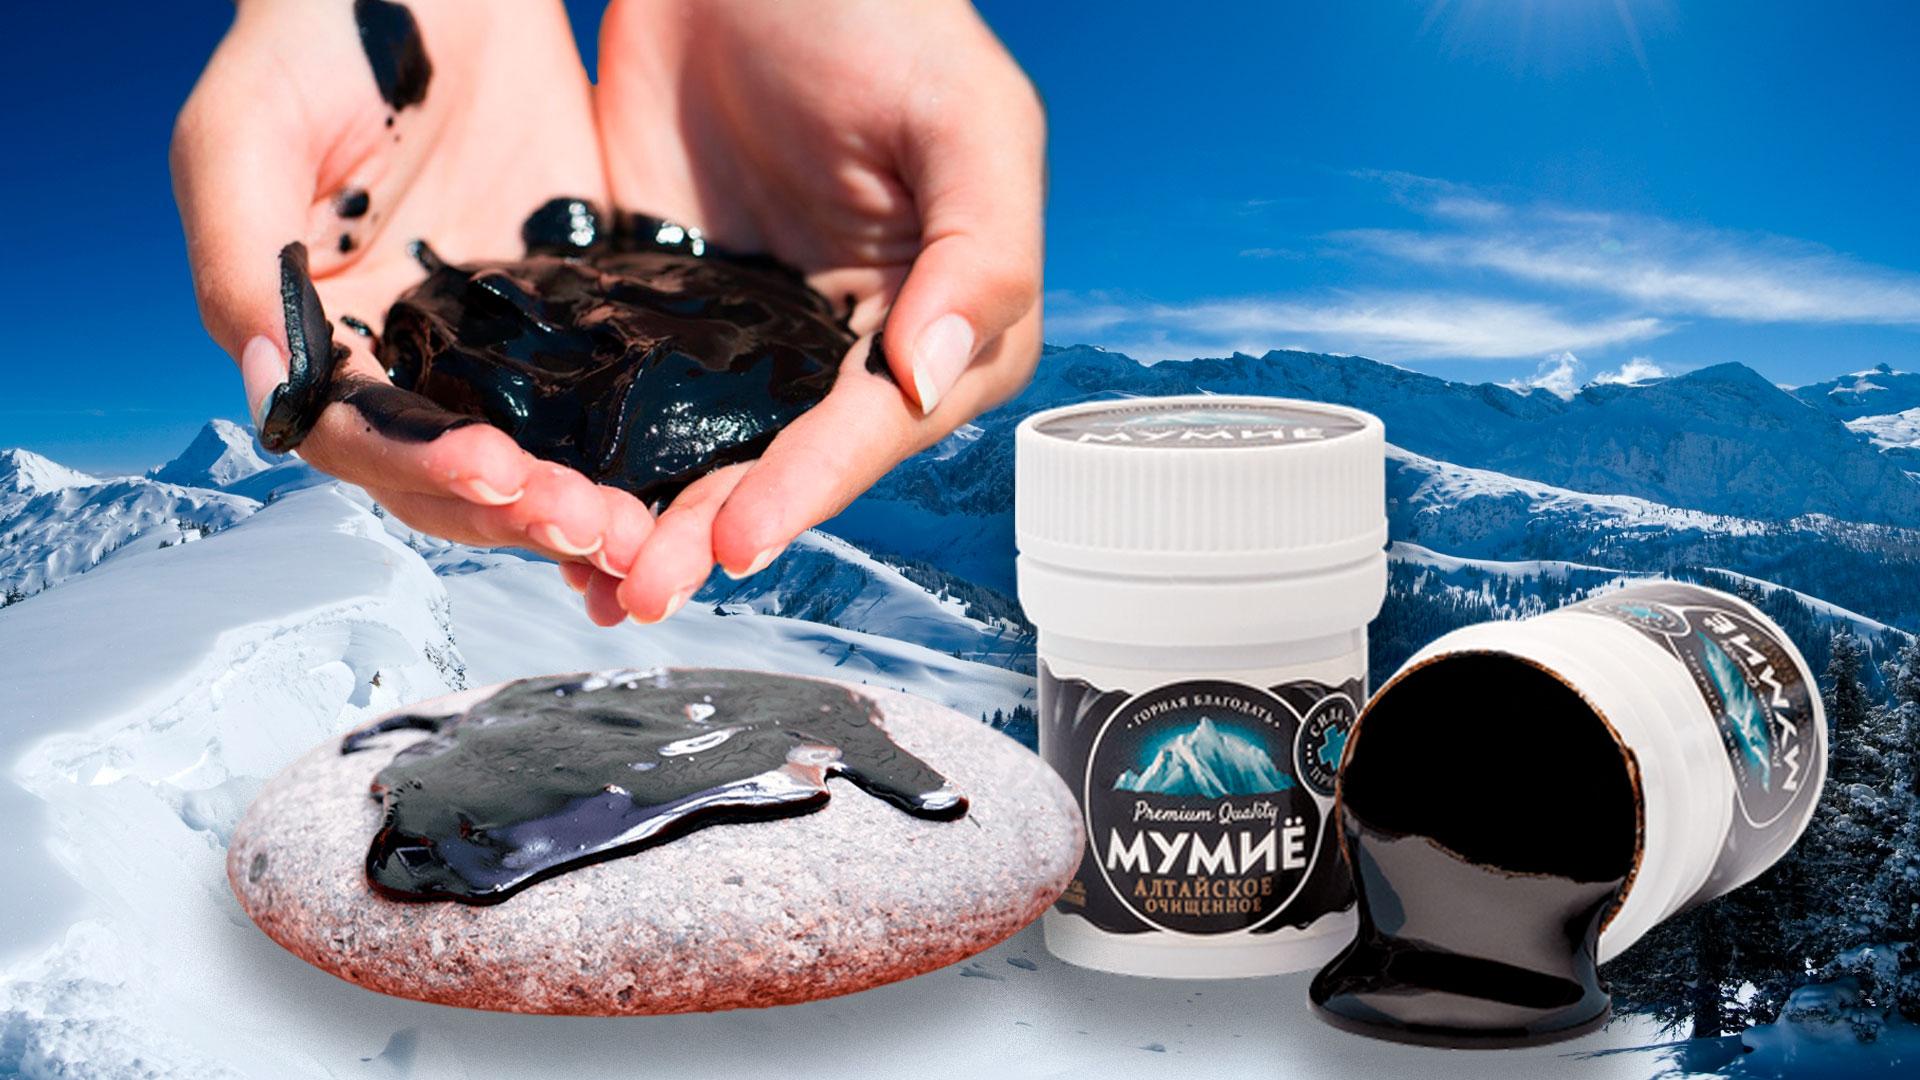 Мумие - применение, полезные свойства, противопоказания, рекомендации для приема